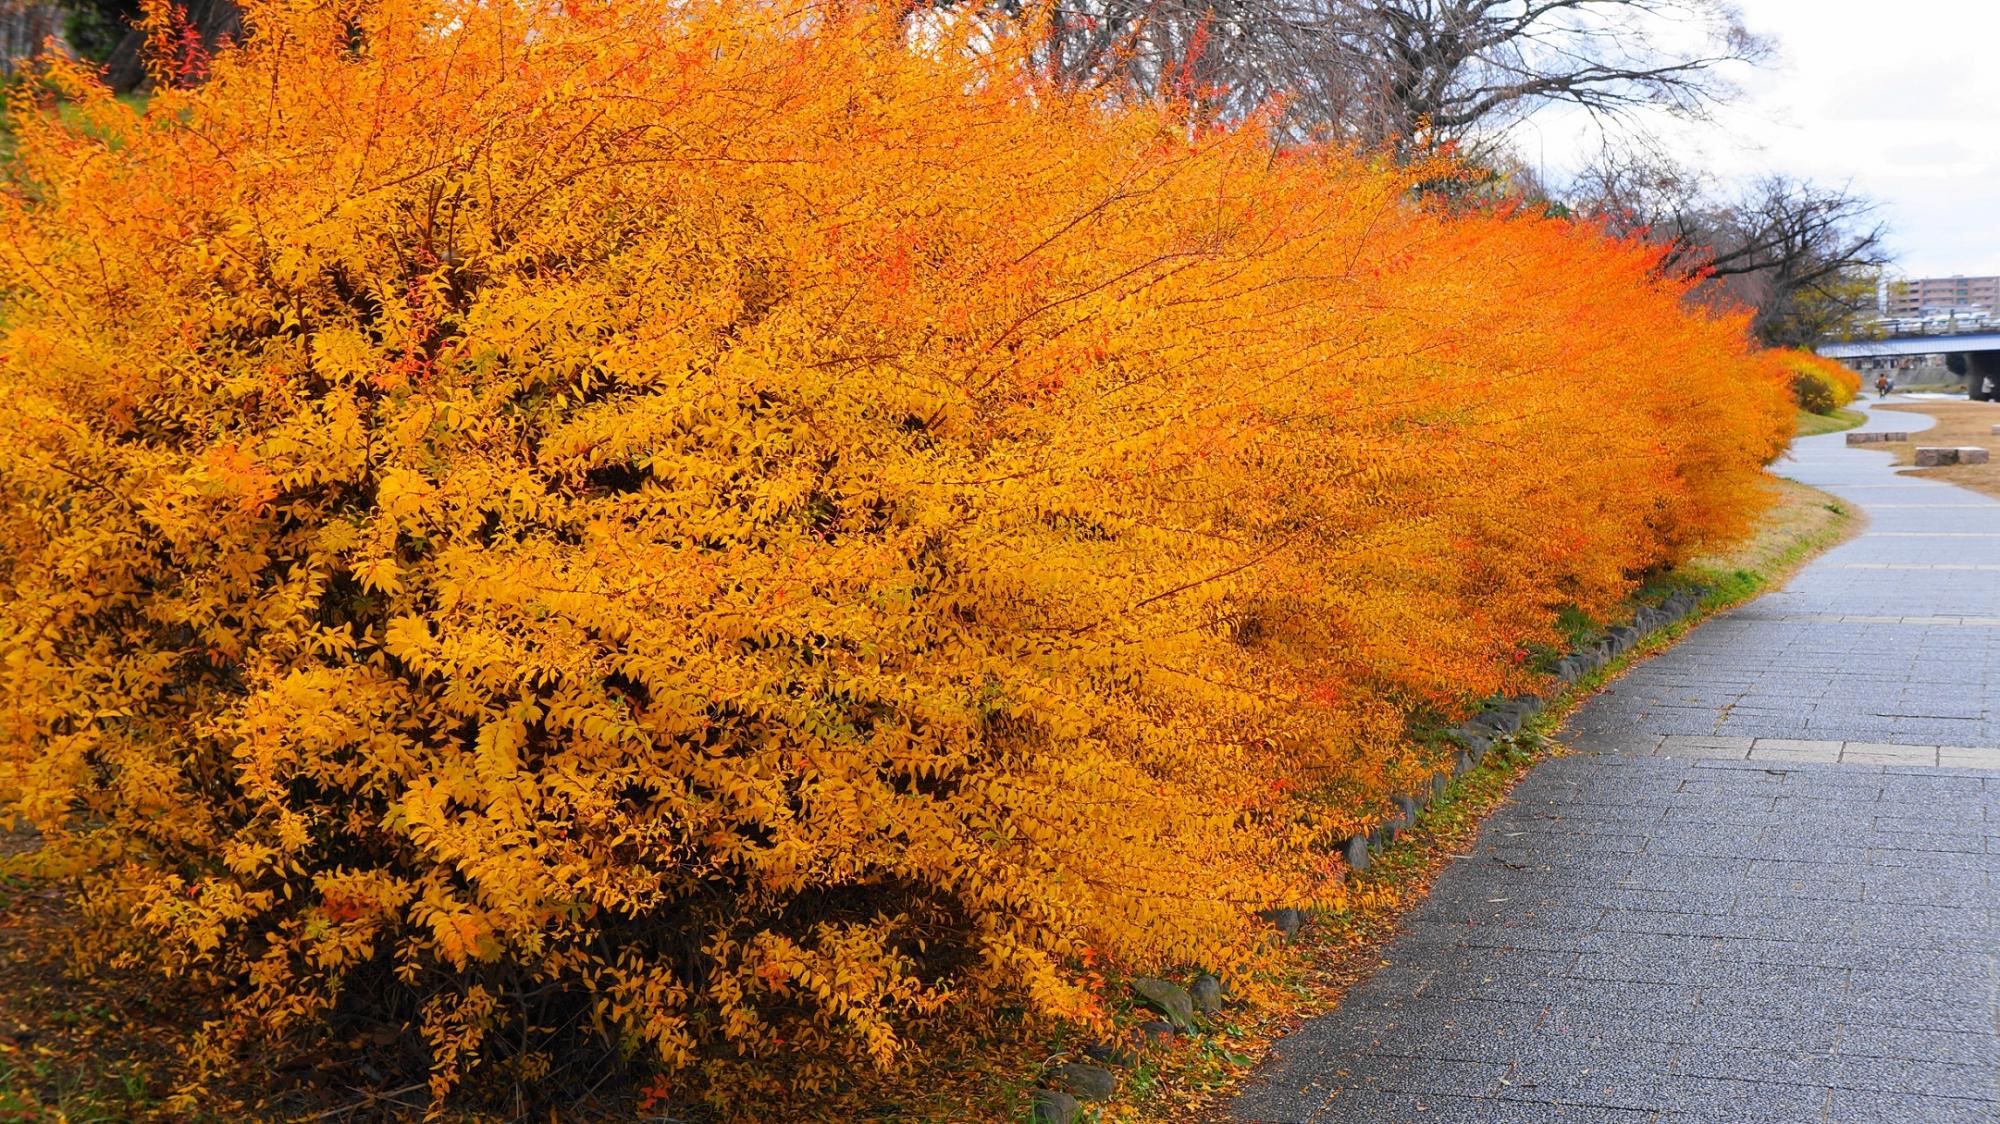 鴨川 五条 冬の雪柳 オレンジ色 紅葉